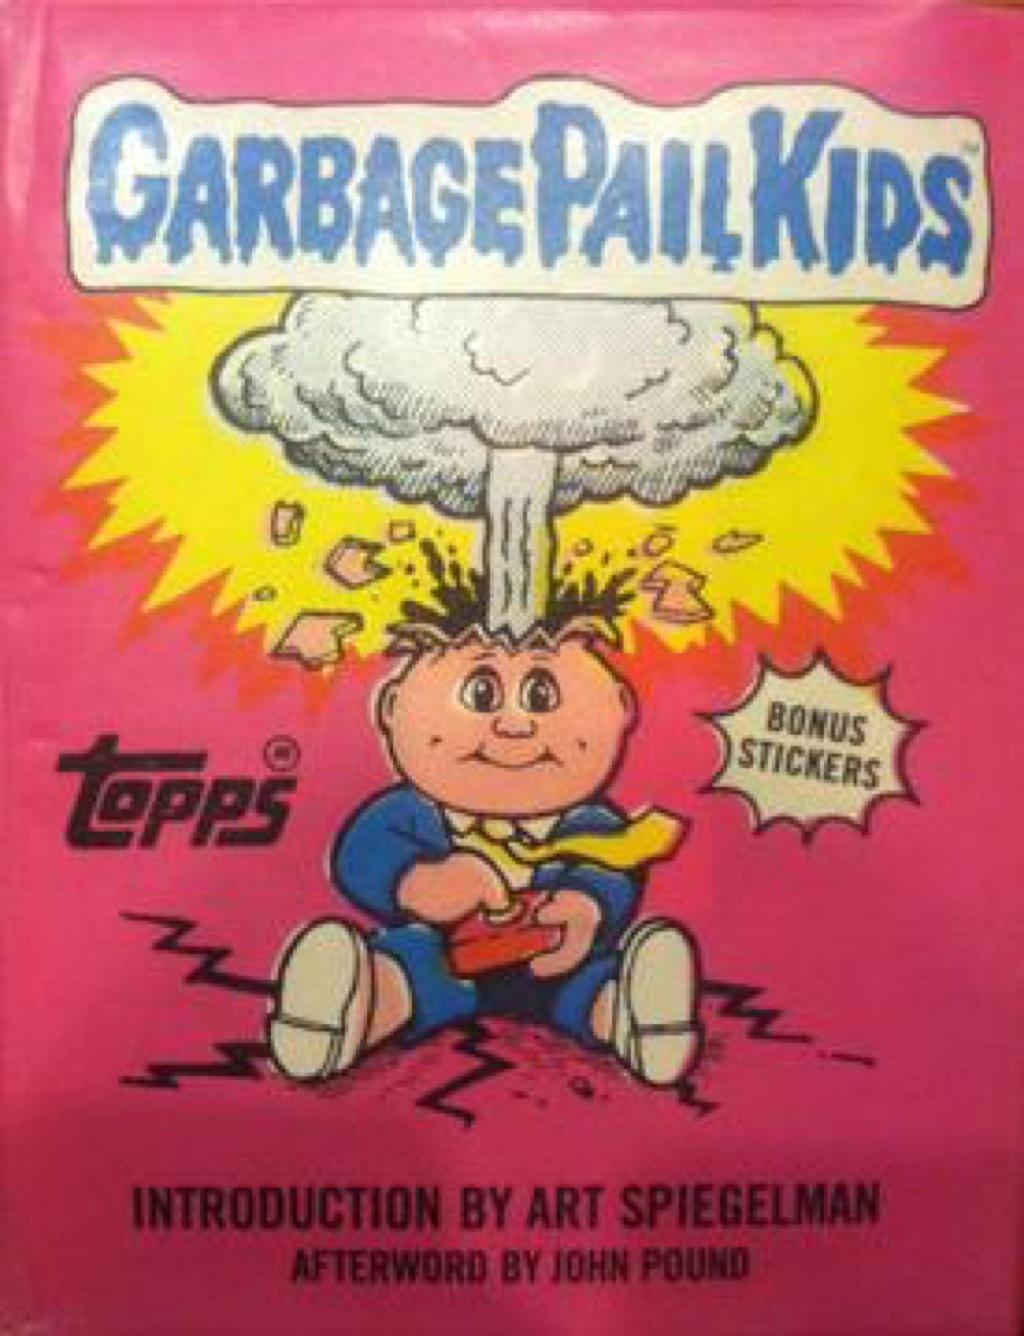 garbage pail kids 80s nostalgia